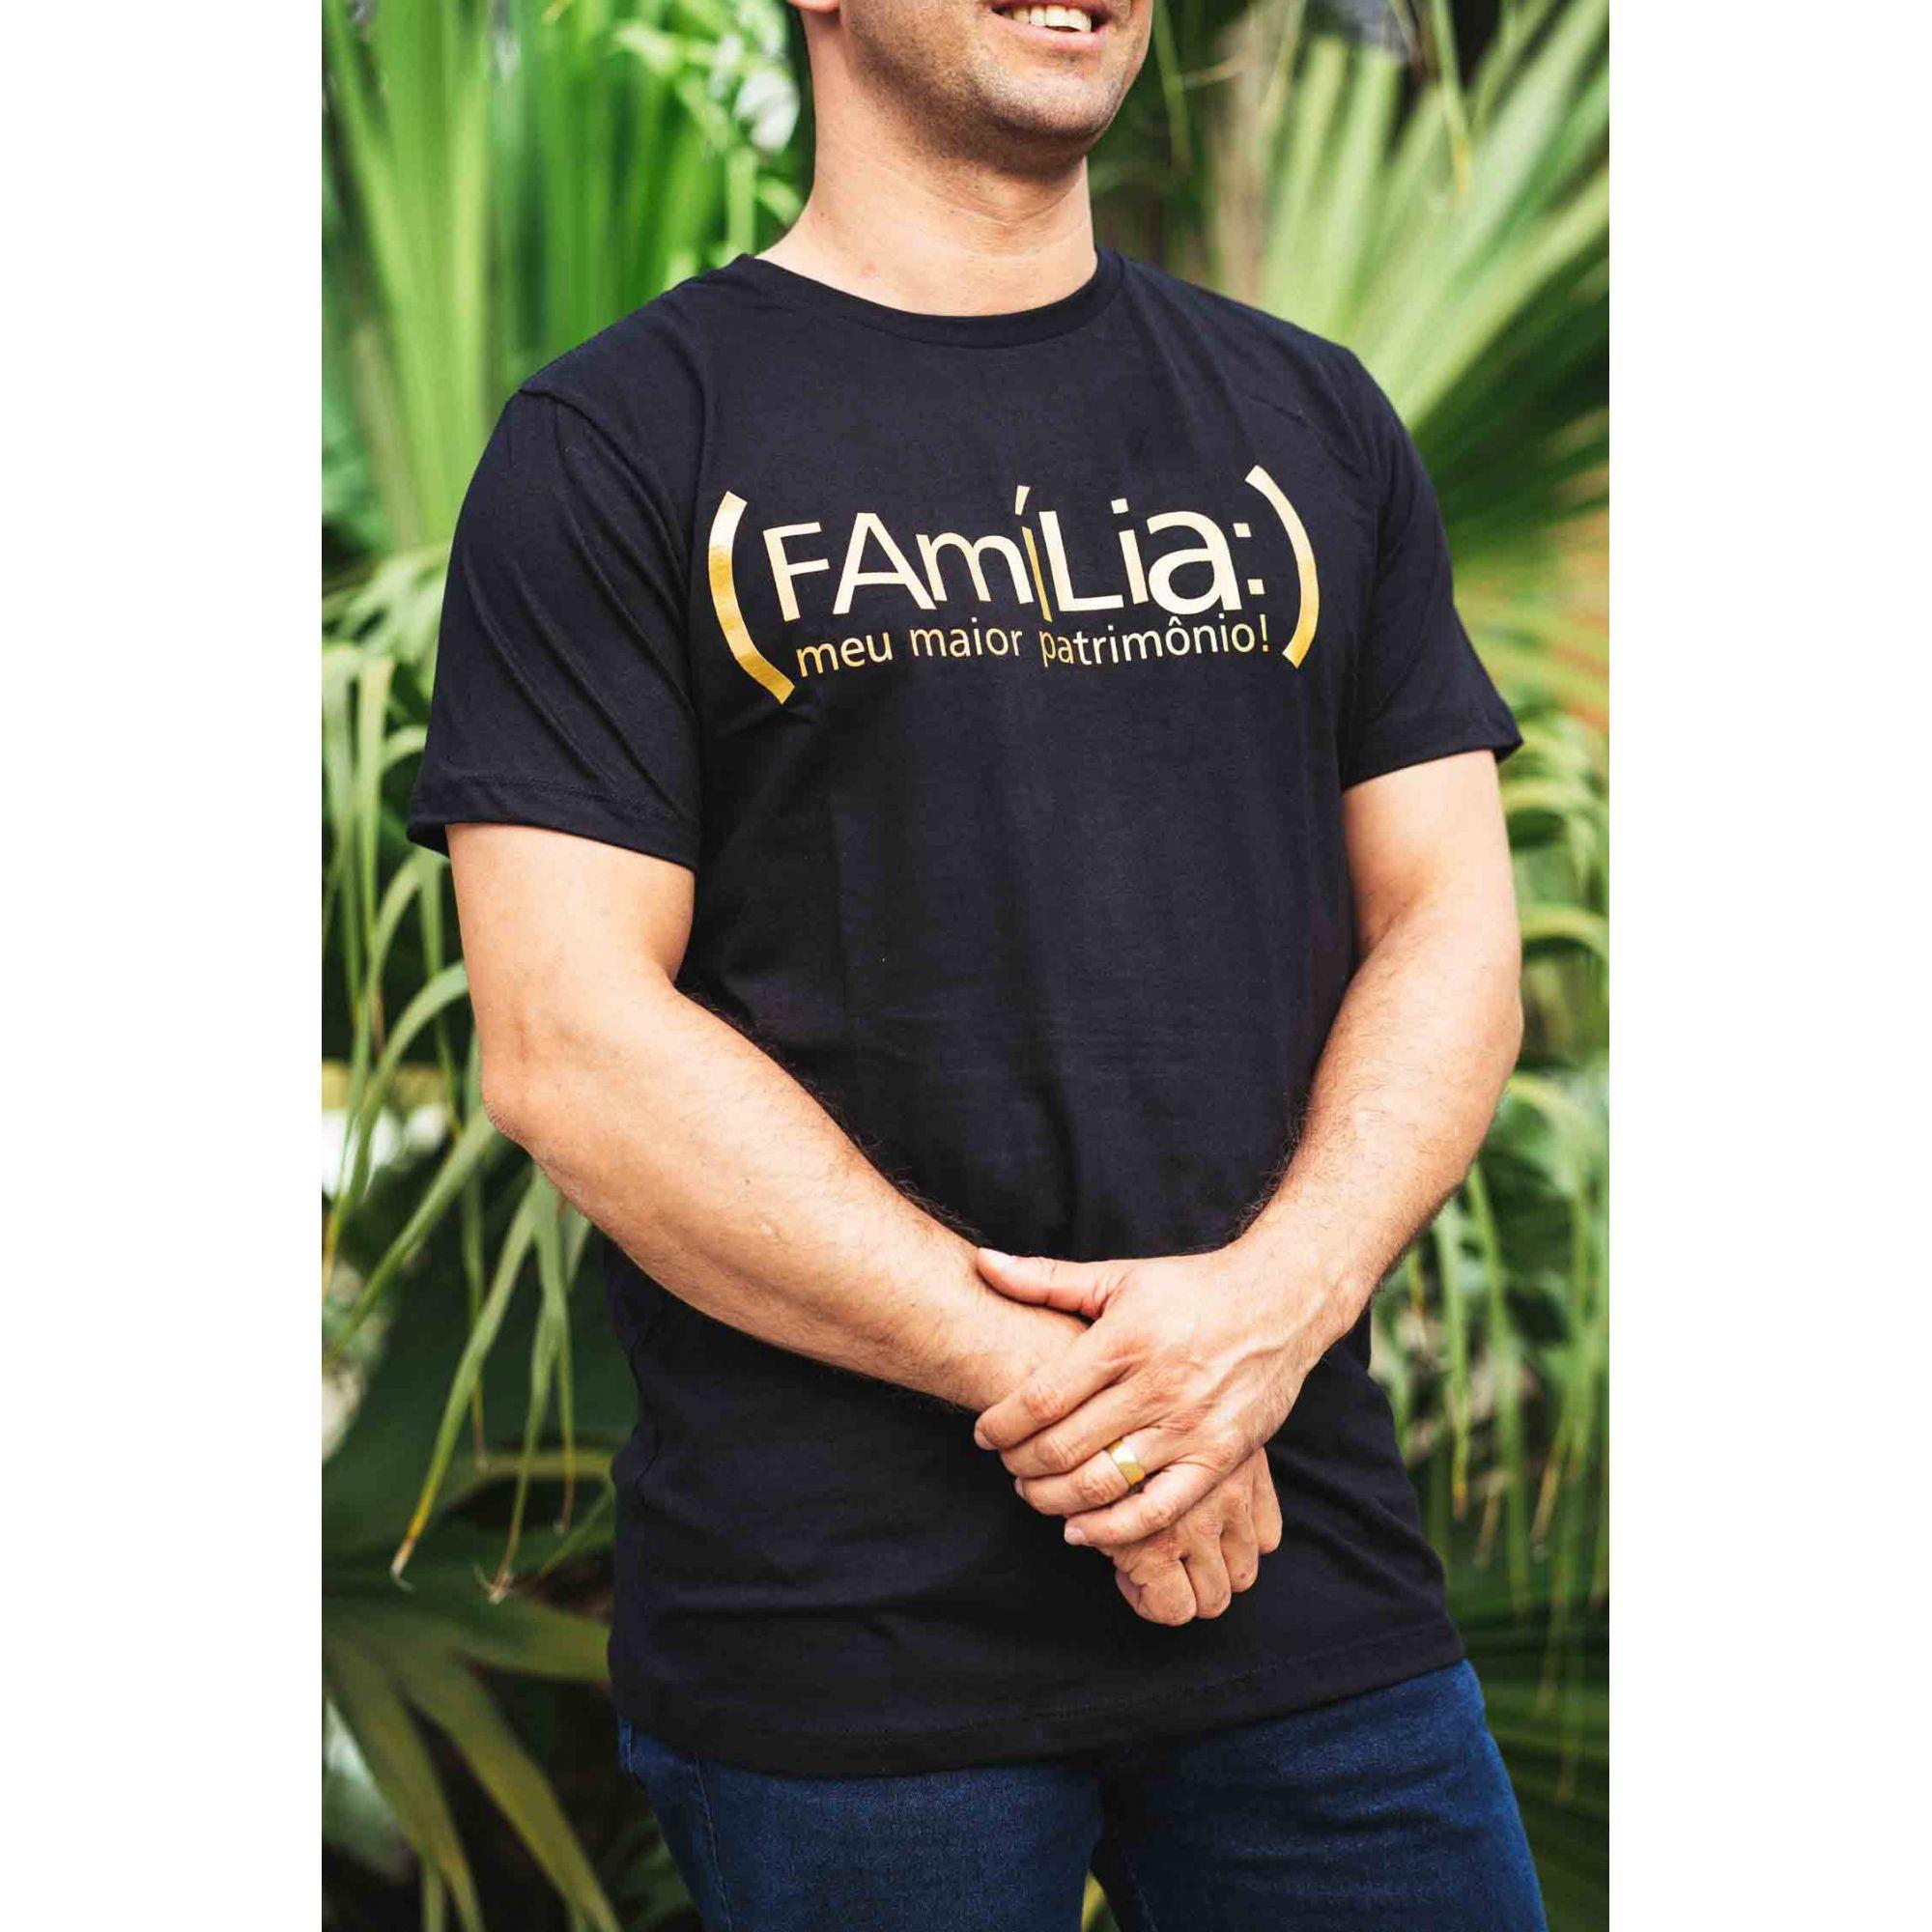 Camiseta - Família Meu Patrimônio Preta e Dourada  - Loja Amo Família